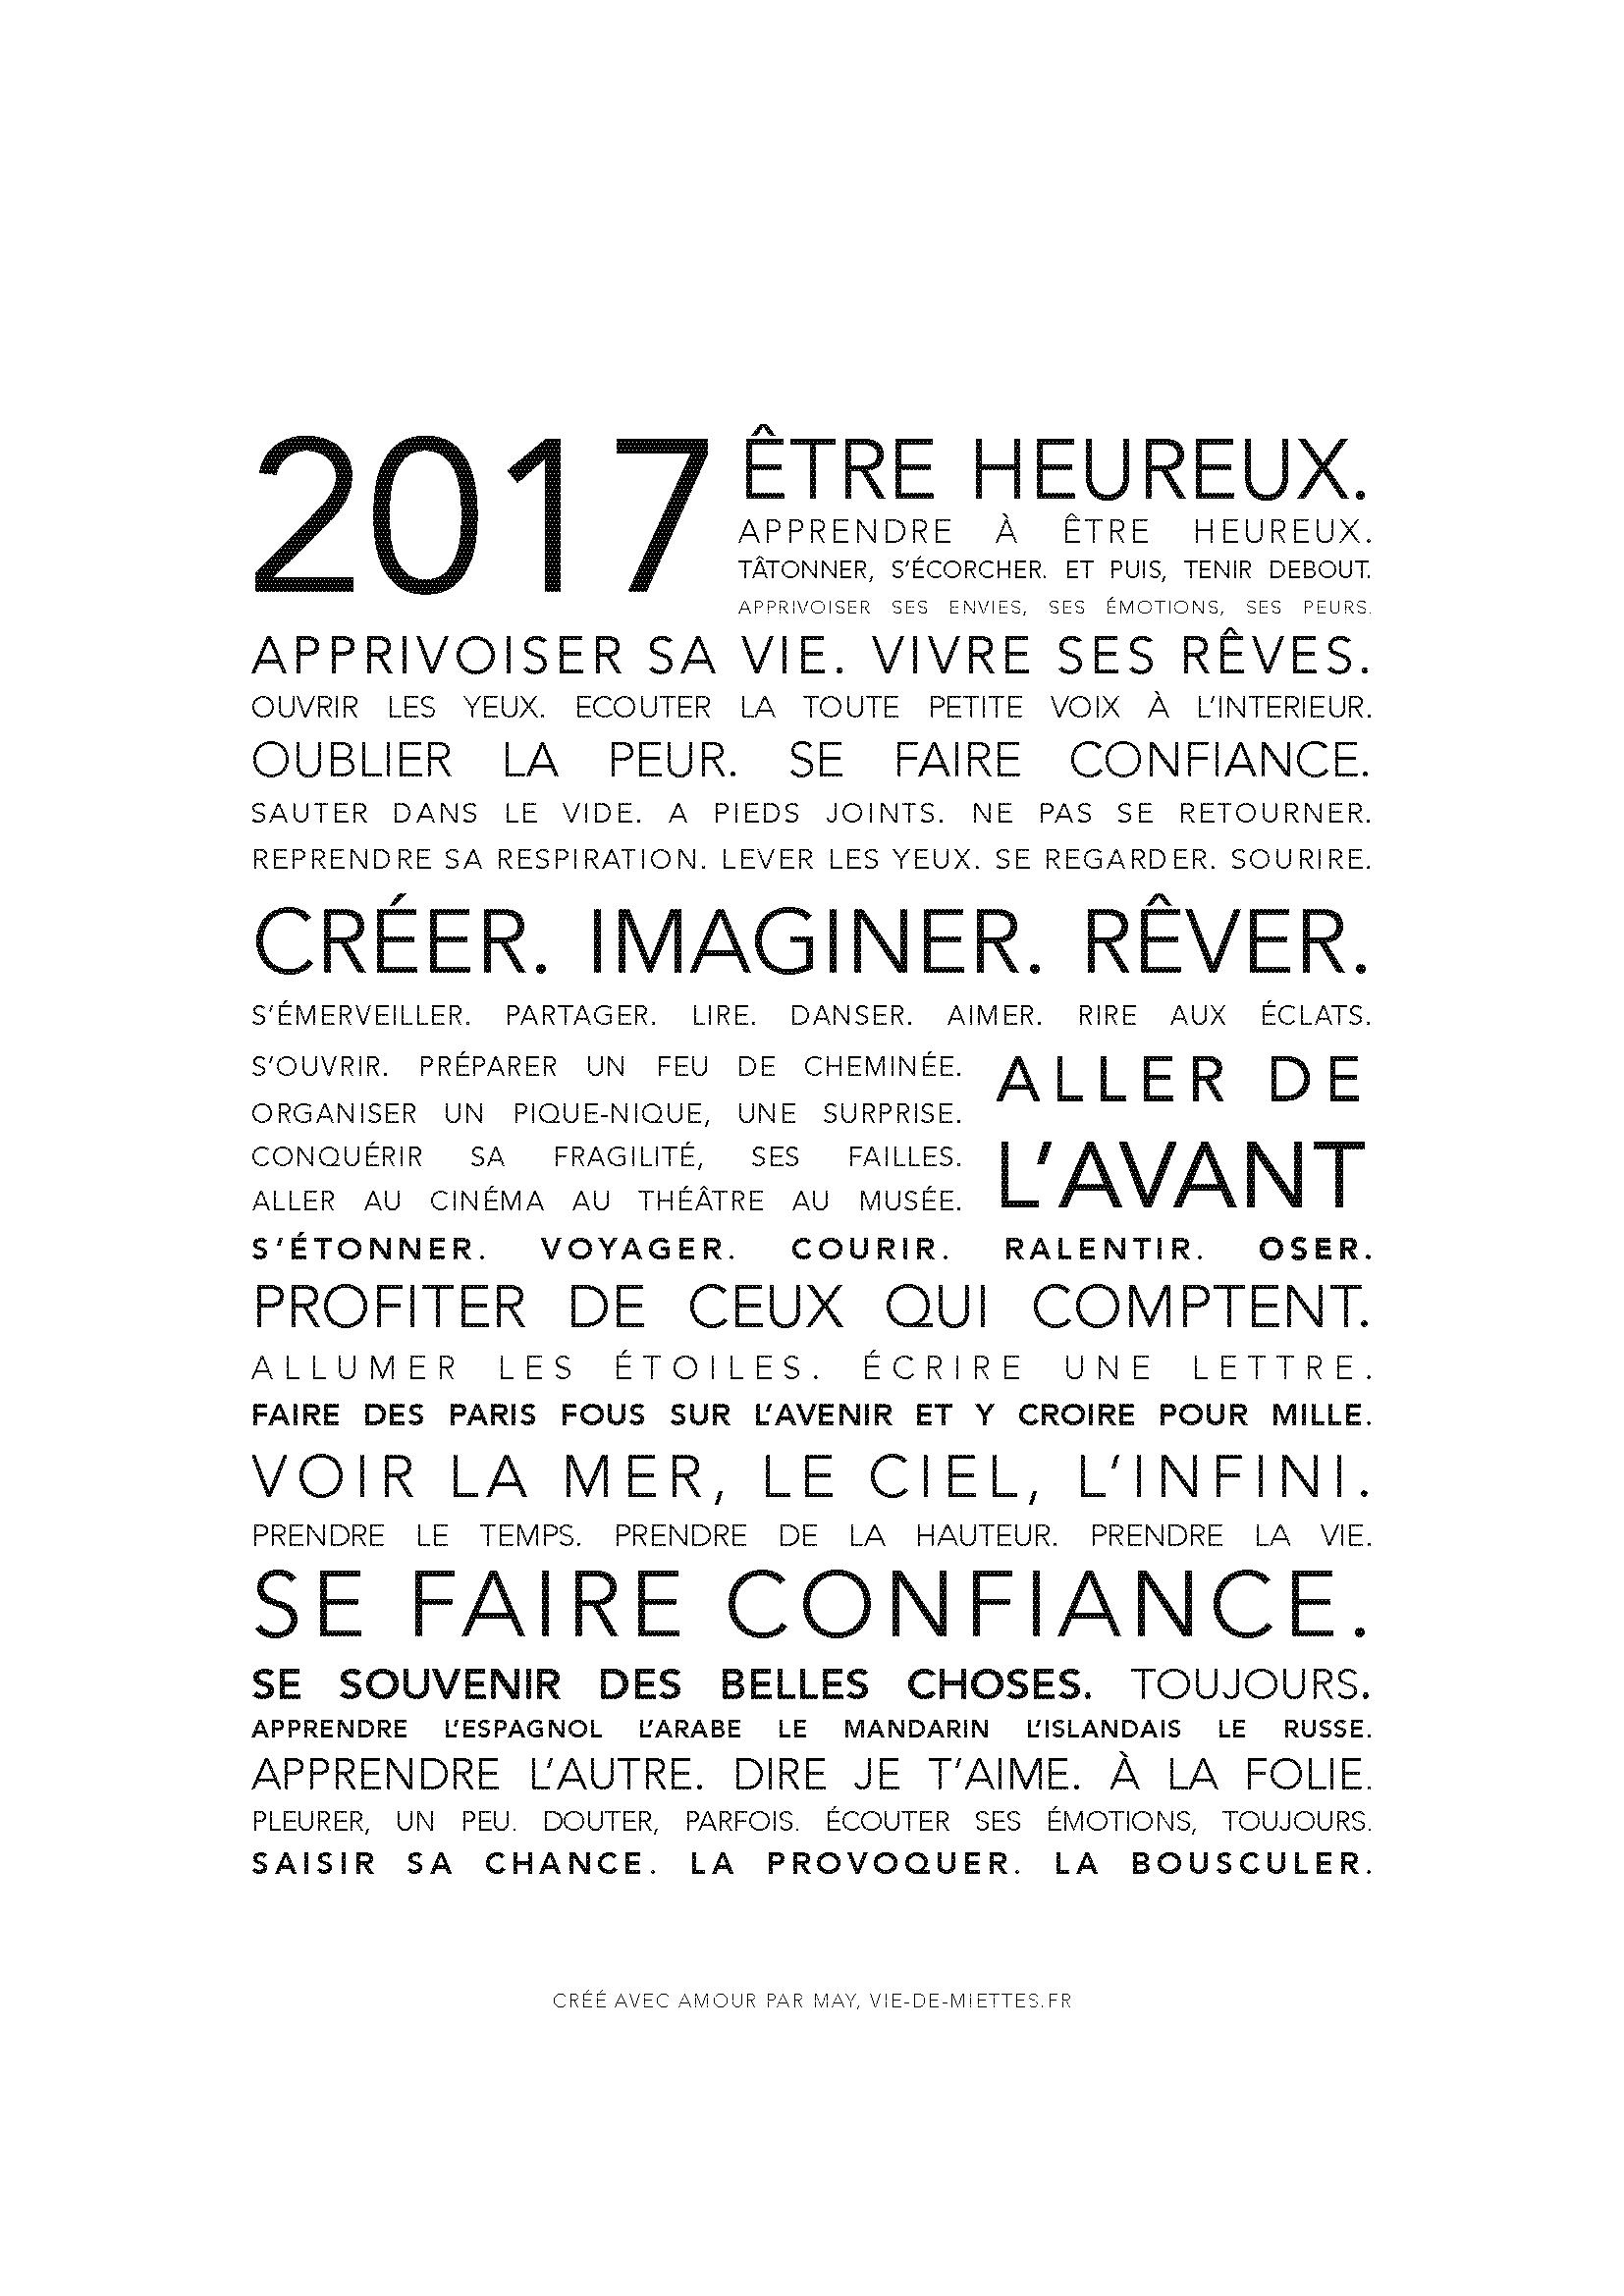 carte-2017-vie-de-miettes